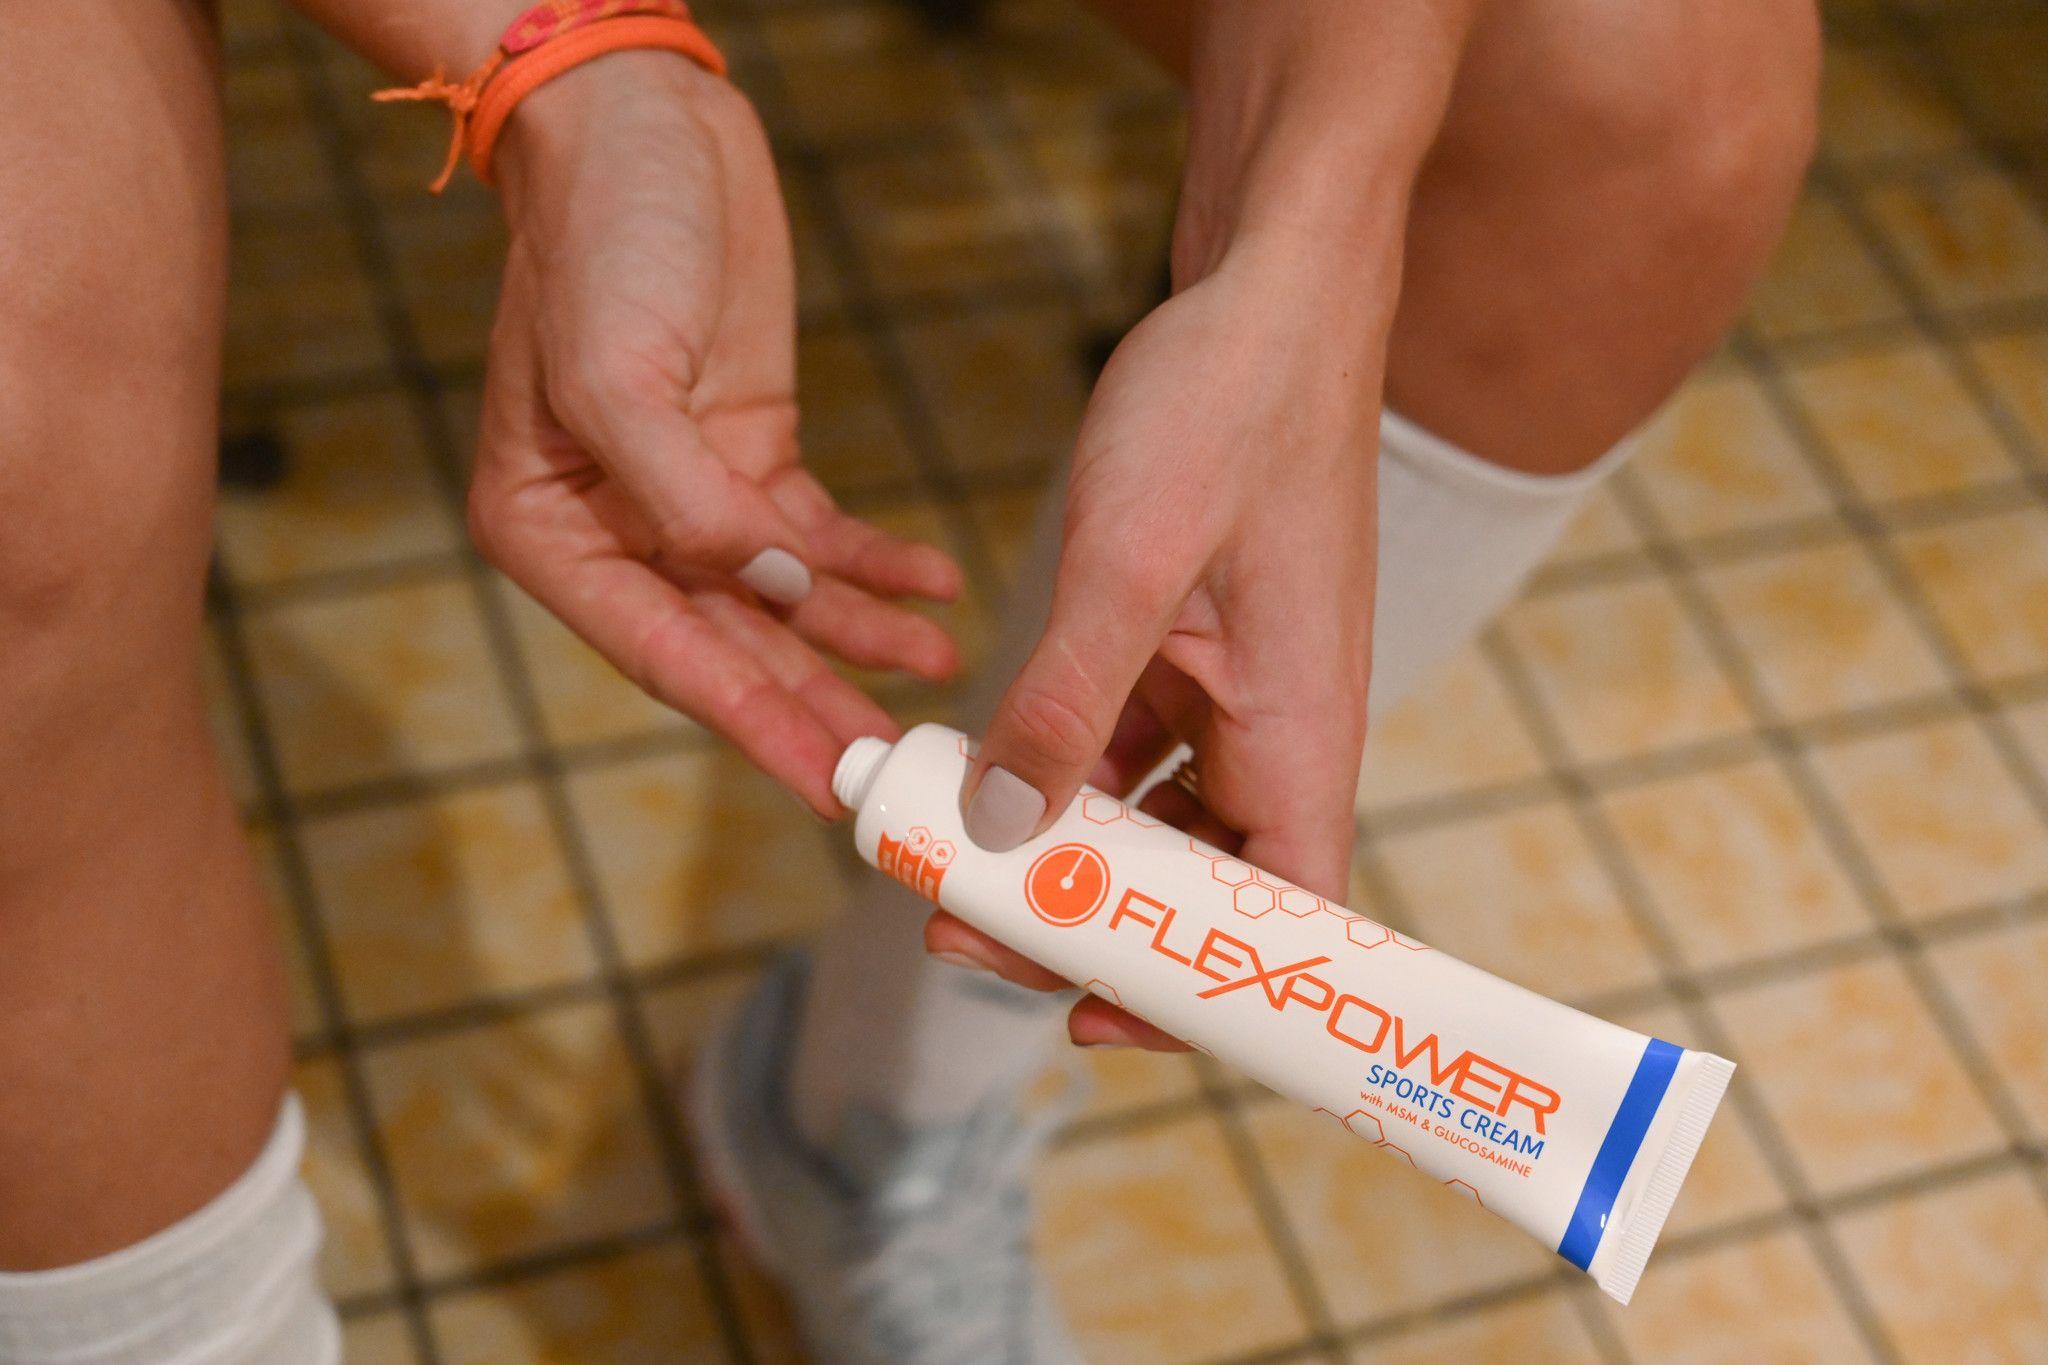 FlexPower sportcrème wordt gebruikt